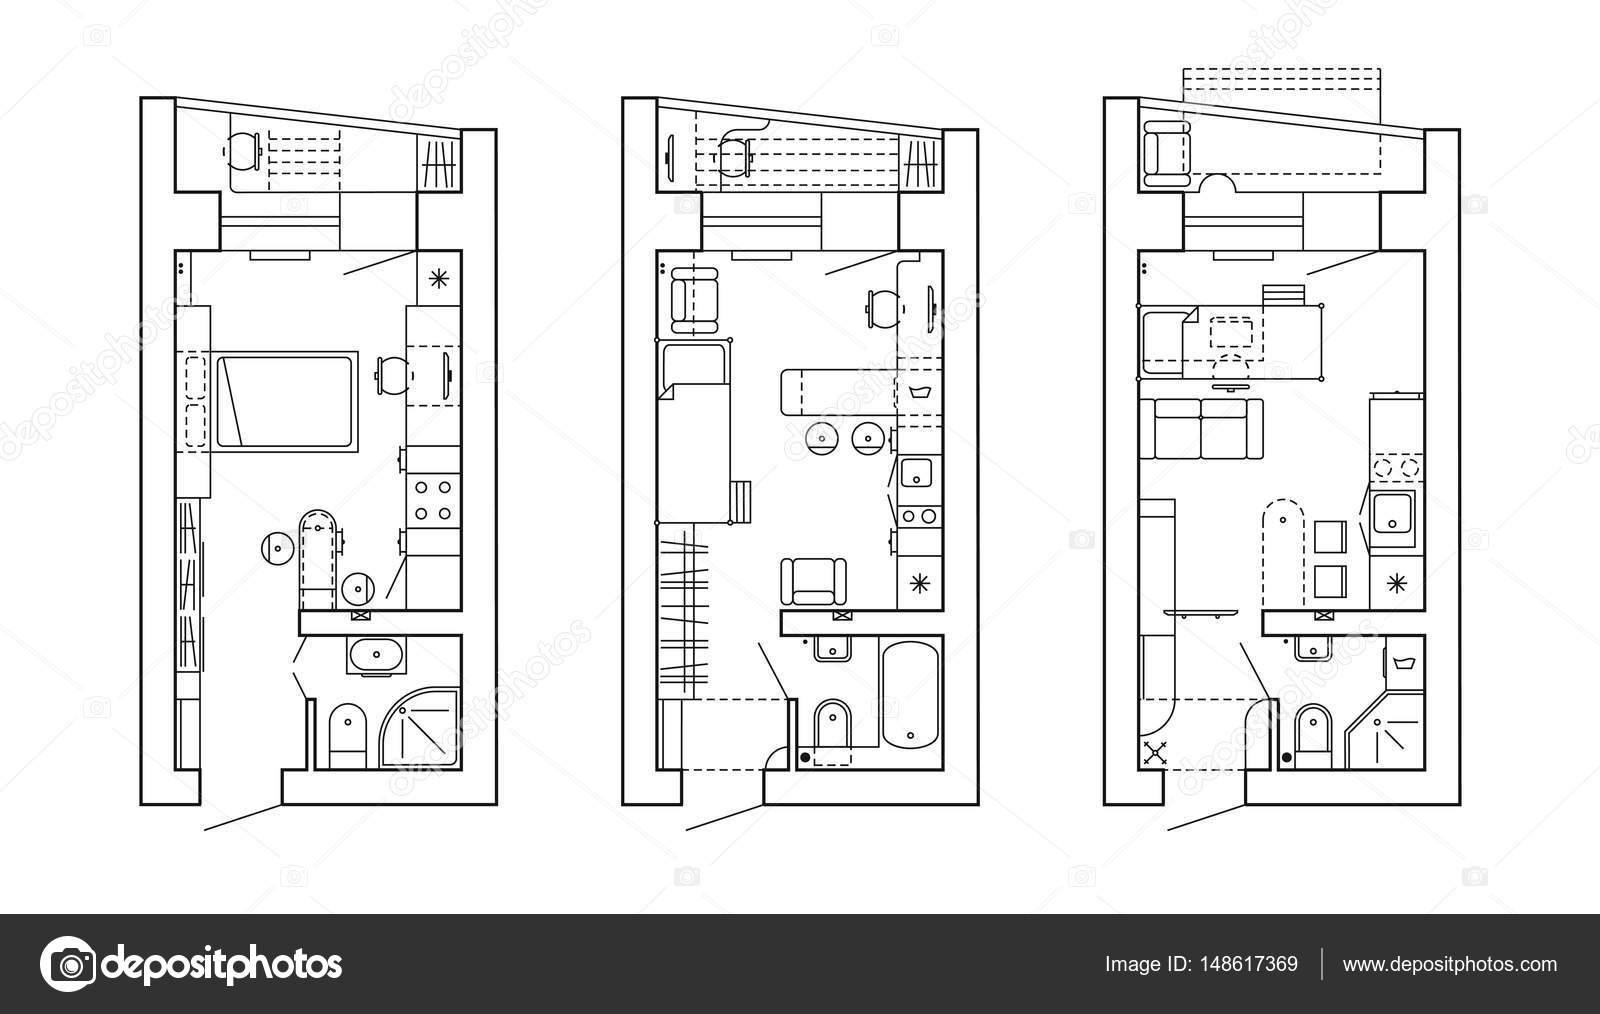 Architectonische plan van een huis. Indeling van het appartement met ...